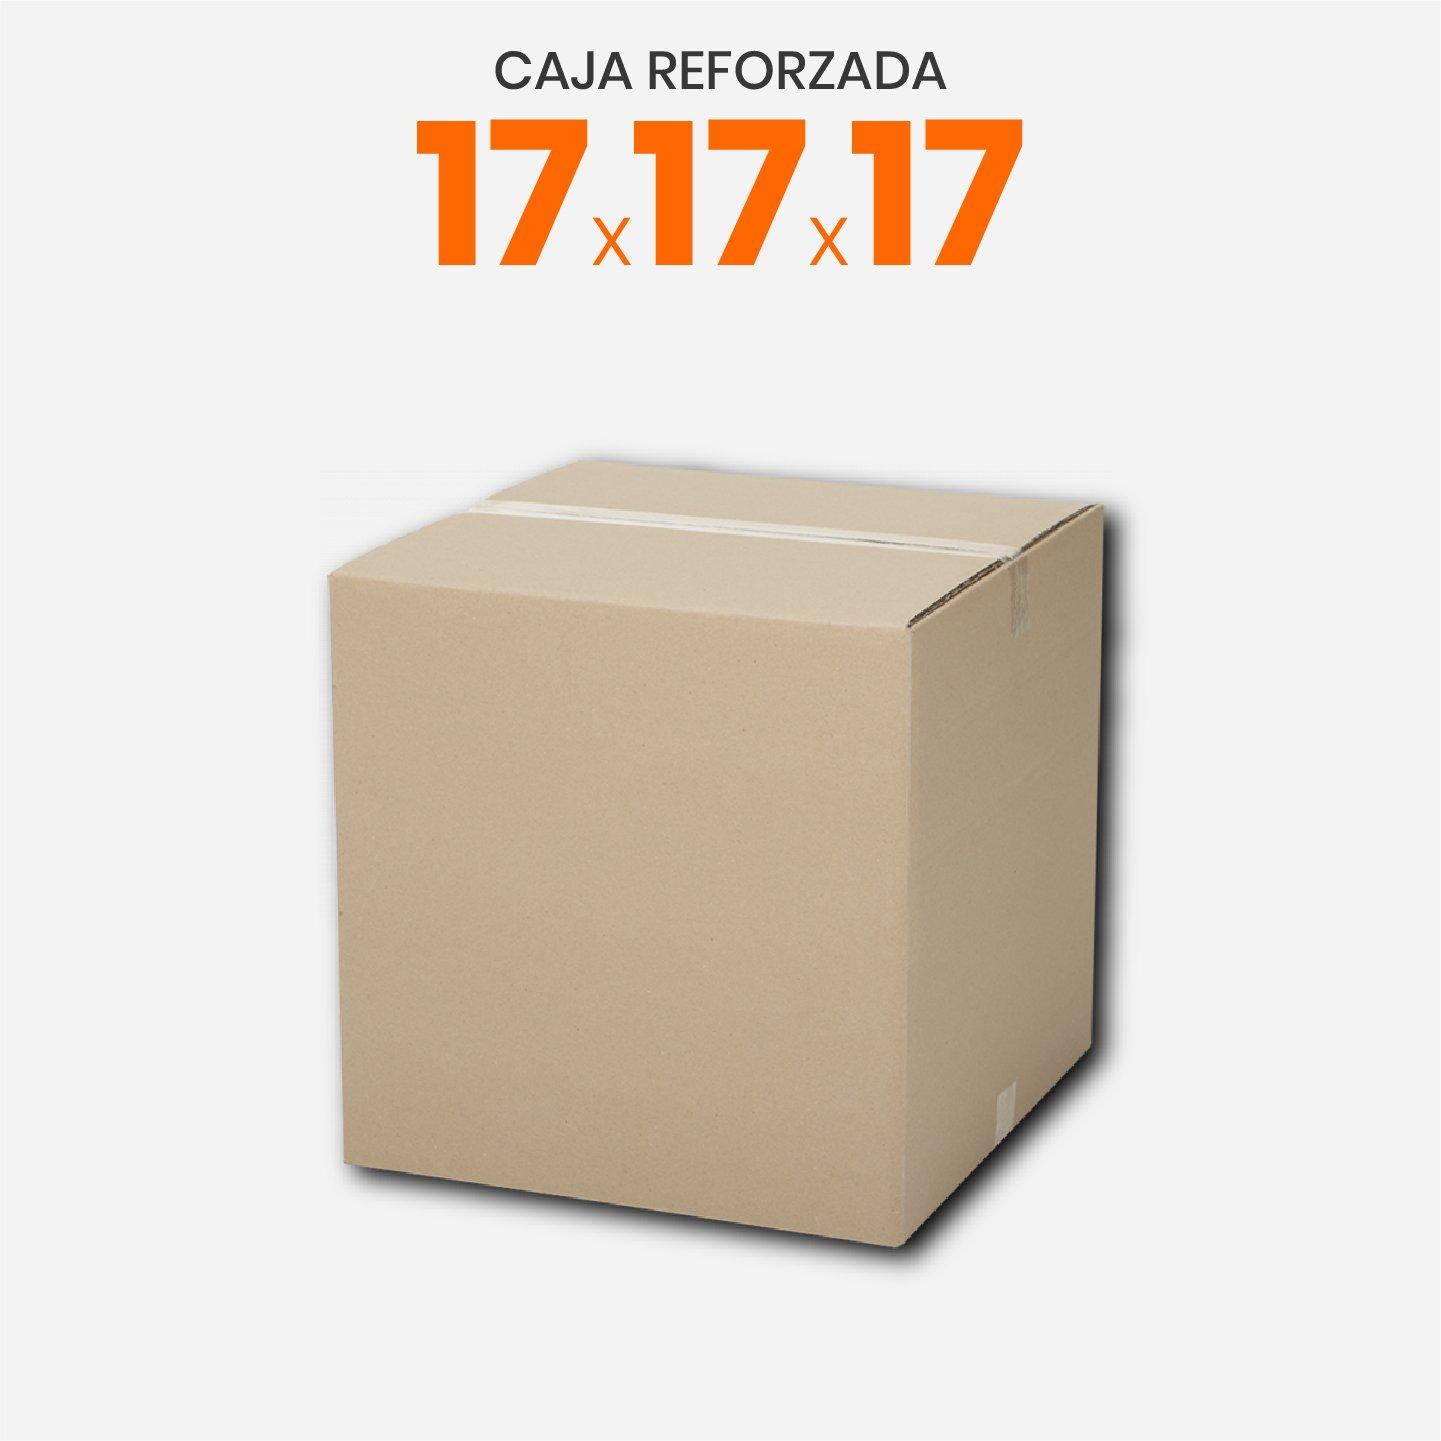 Caja De Cartón Corrugado Reforzada 17x17x17